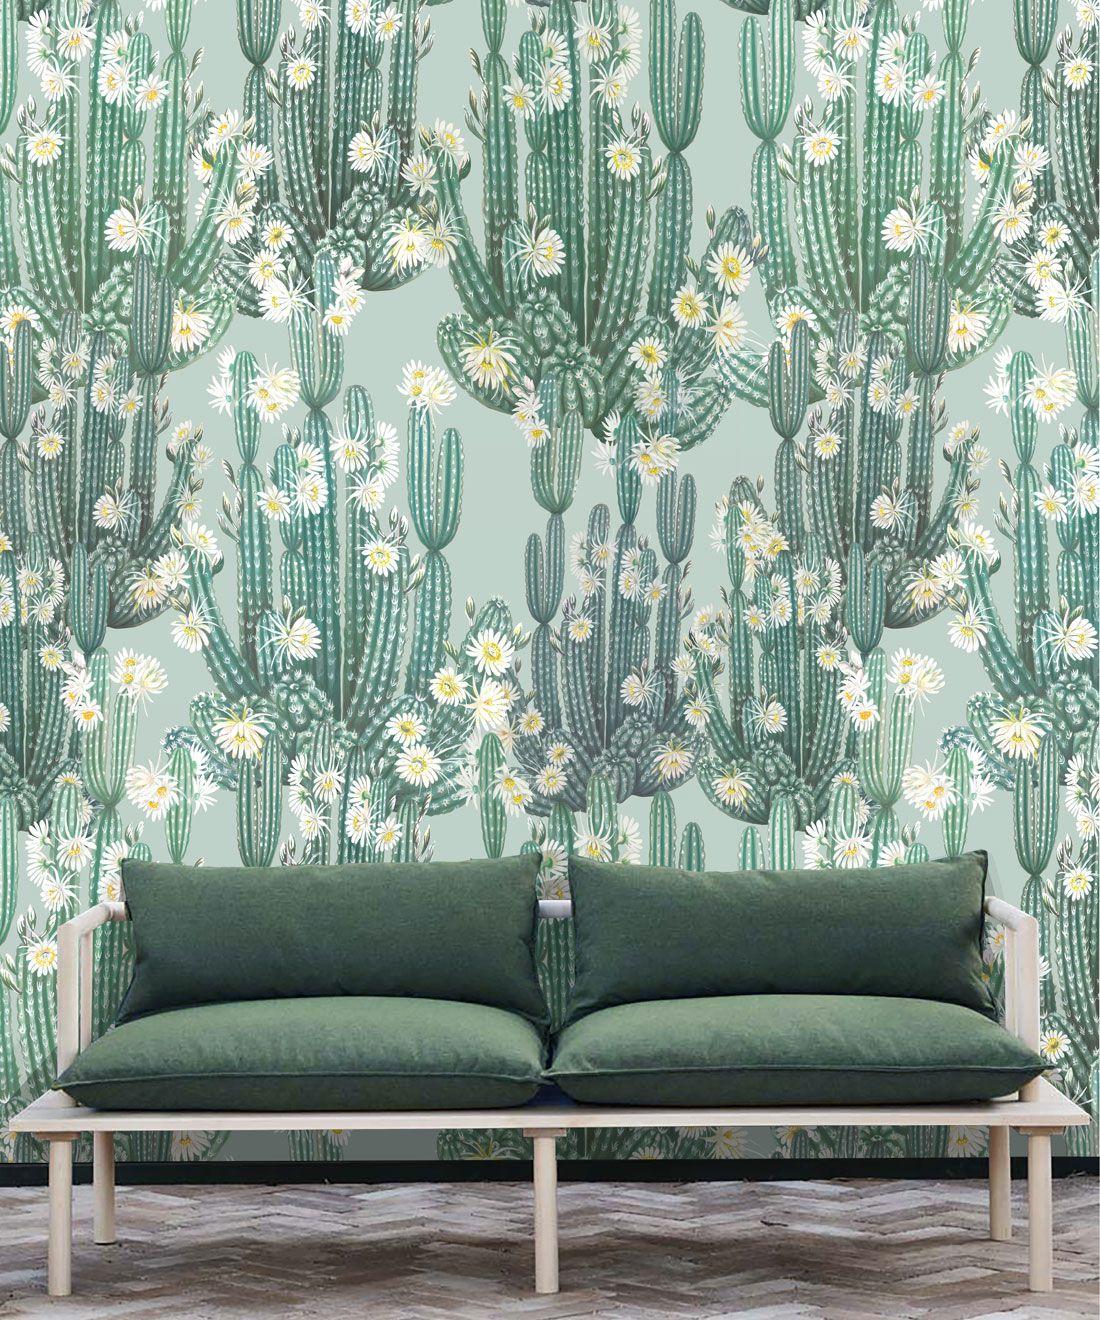 San Pedro Wallpaper Aqua • Cactus Wallpaper • Succulents Wallpaper • Desert Wallpaper Insitu behind sofa with green cushions